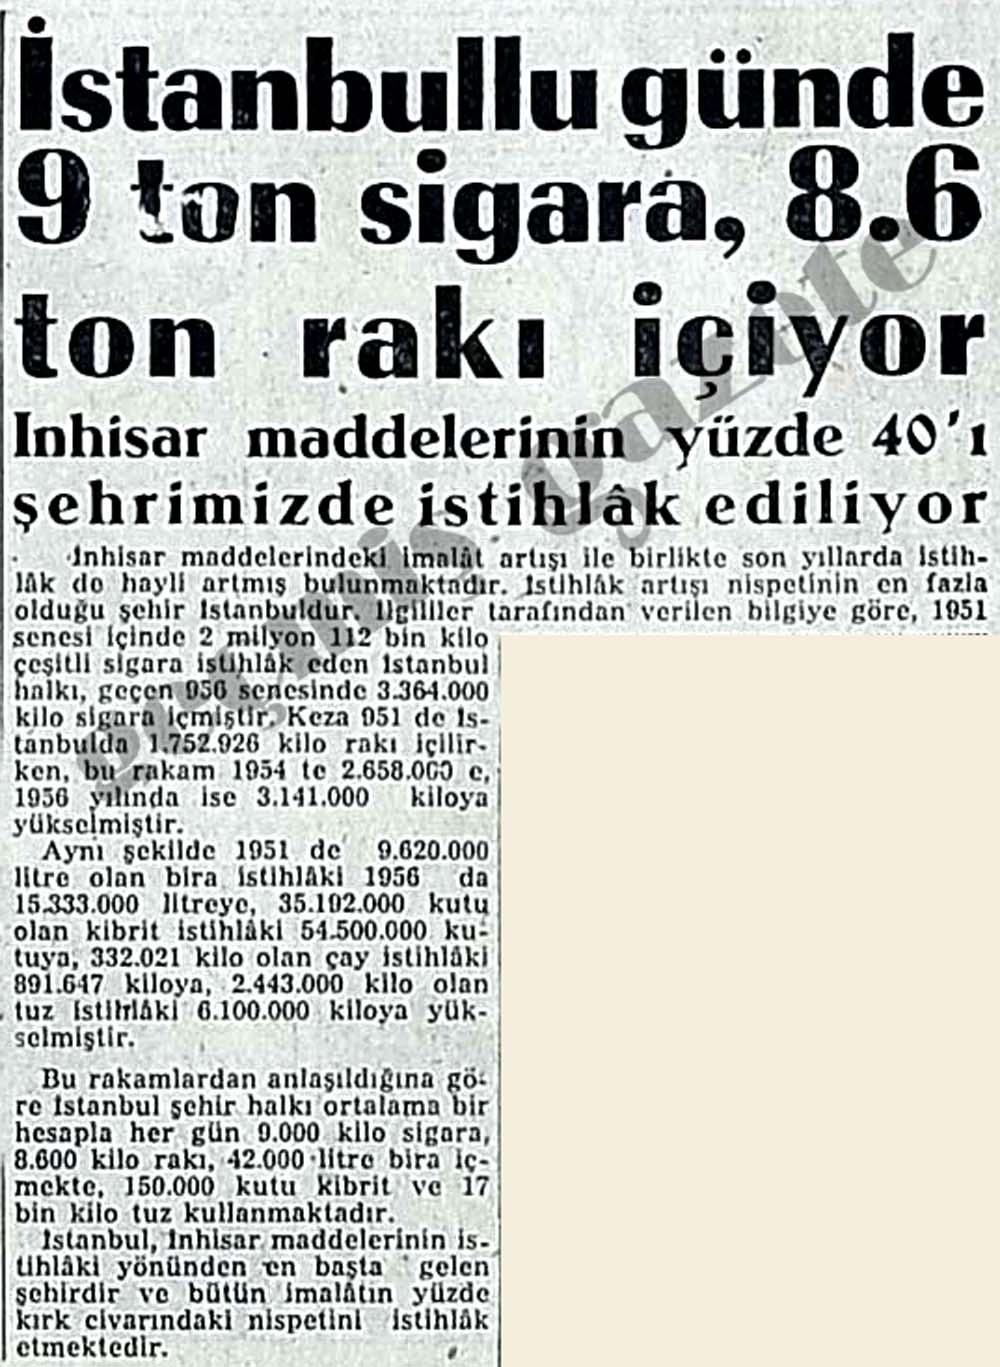 İstanbullu günde 9 ton sigara, 8.6 ton rakı içiyor